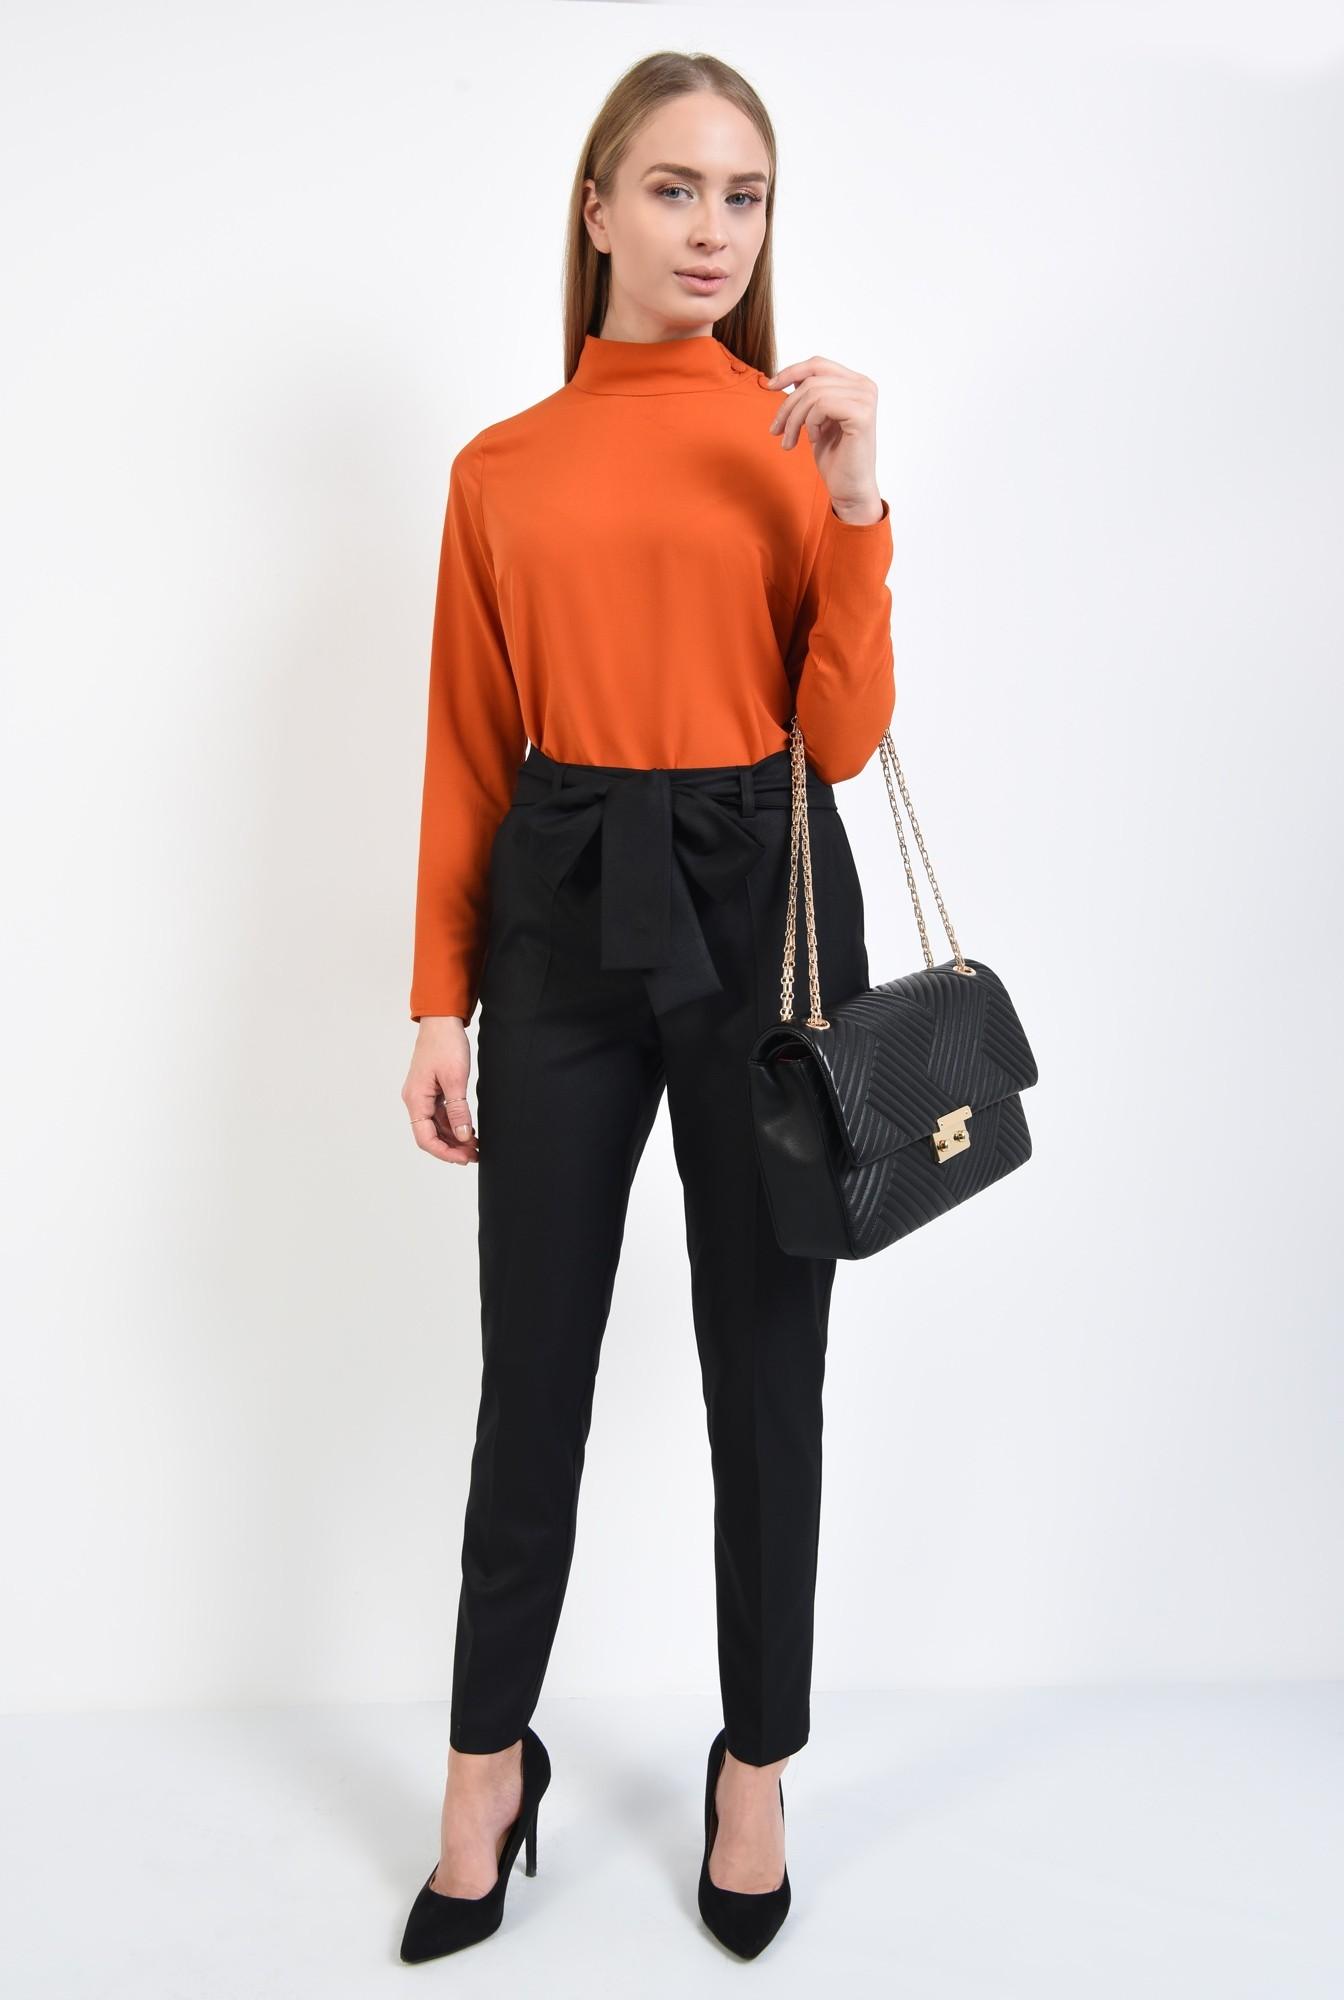 3 - pantaloni cu funda, talie medie, cordon, croi tigareta